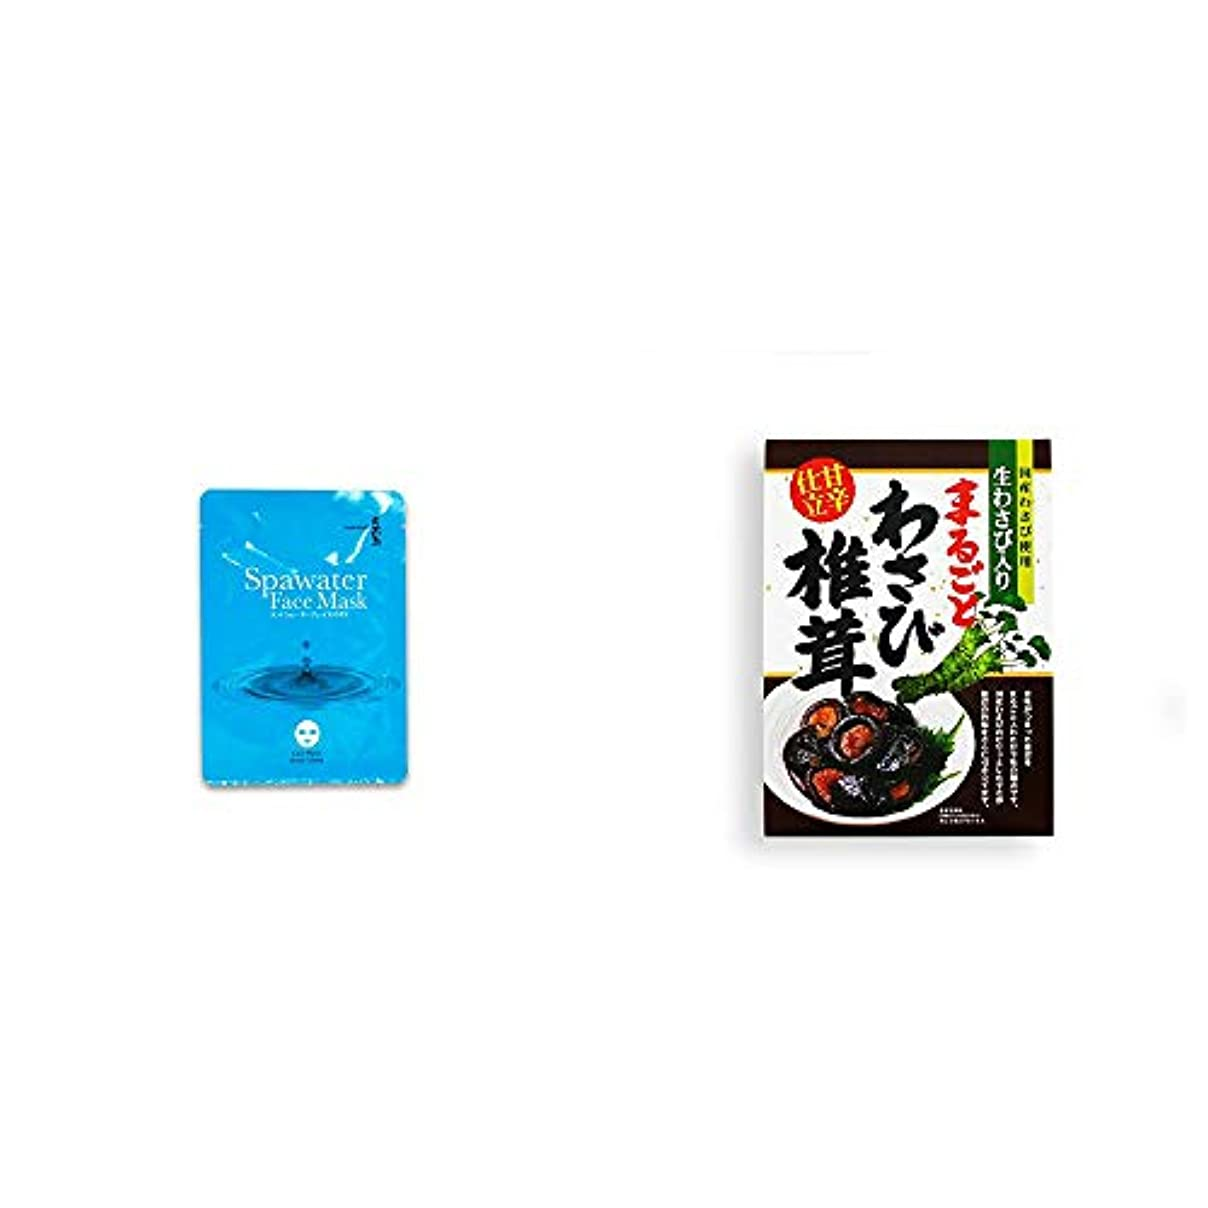 治世演じるメイド[2点セット] ひのき炭黒泉 スパウォーターフェイスマスク(18ml×3枚入)?まるごとわさび椎茸(200g)